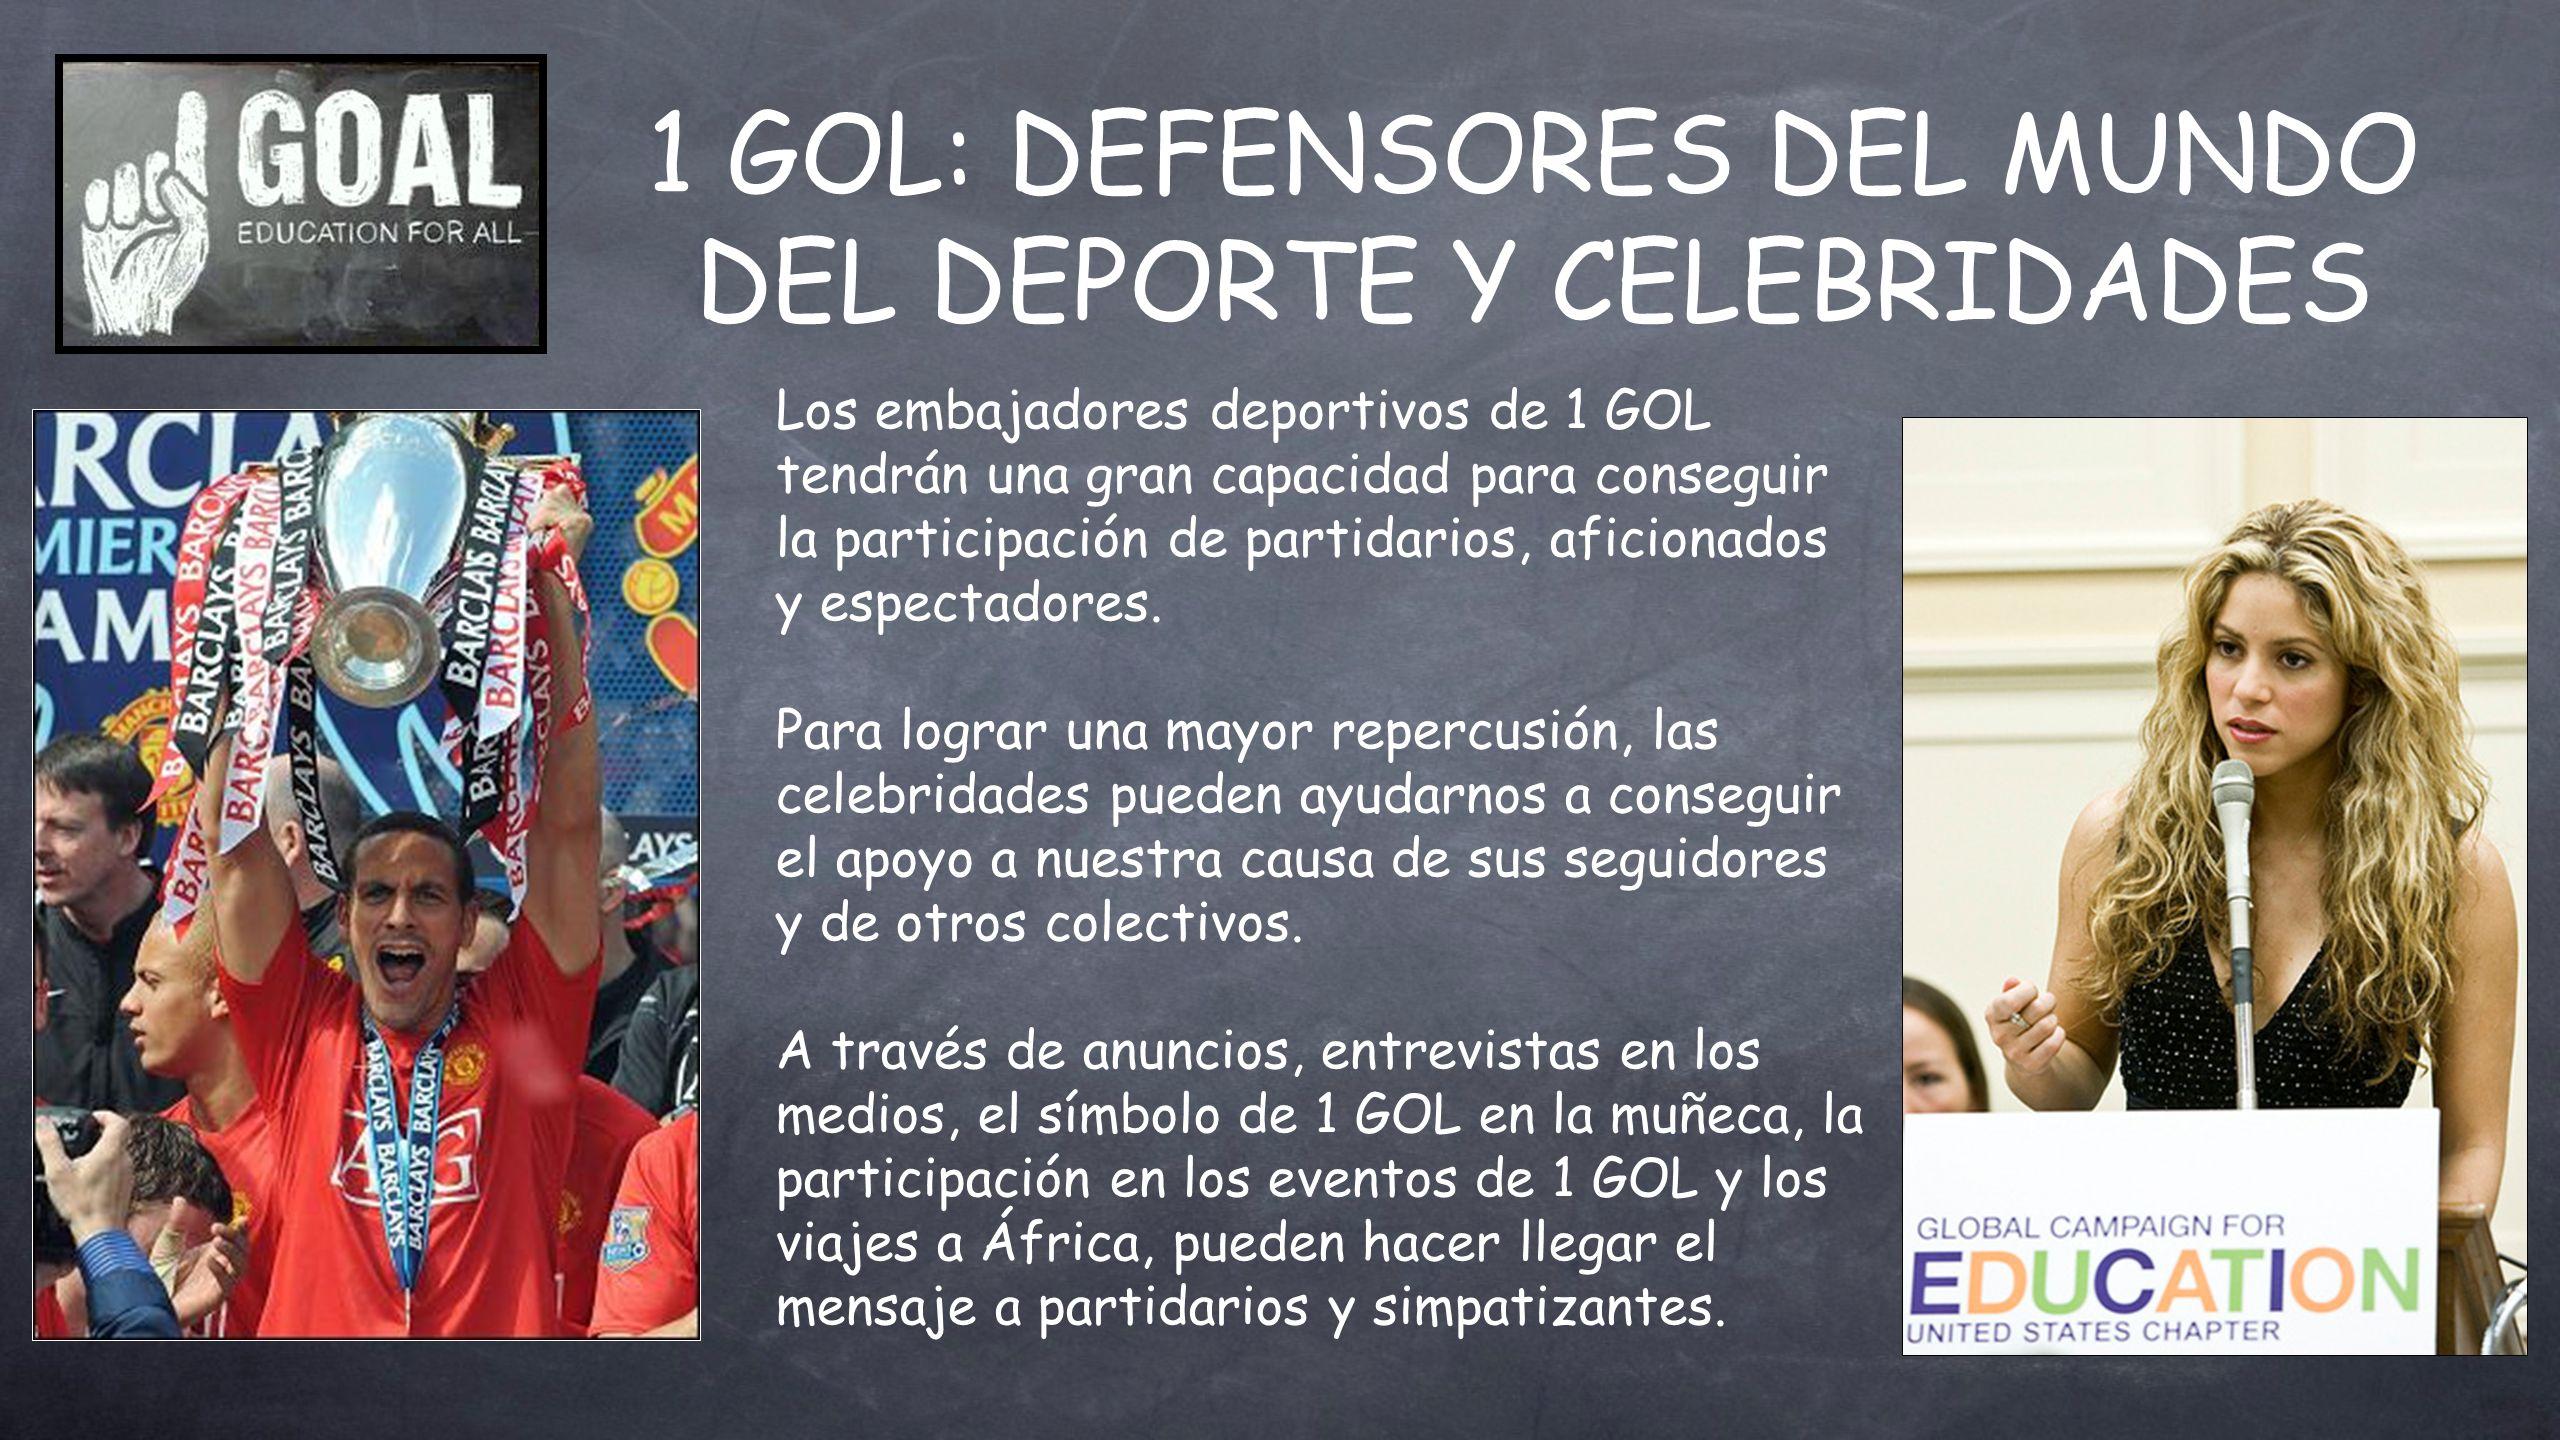 1 GOL: DEFENSORES DEL MUNDO DEL DEPORTE Y CELEBRIDADES Los embajadores deportivos de 1 GOL tendrán una gran capacidad para conseguir la participación de partidarios, aficionados y espectadores.